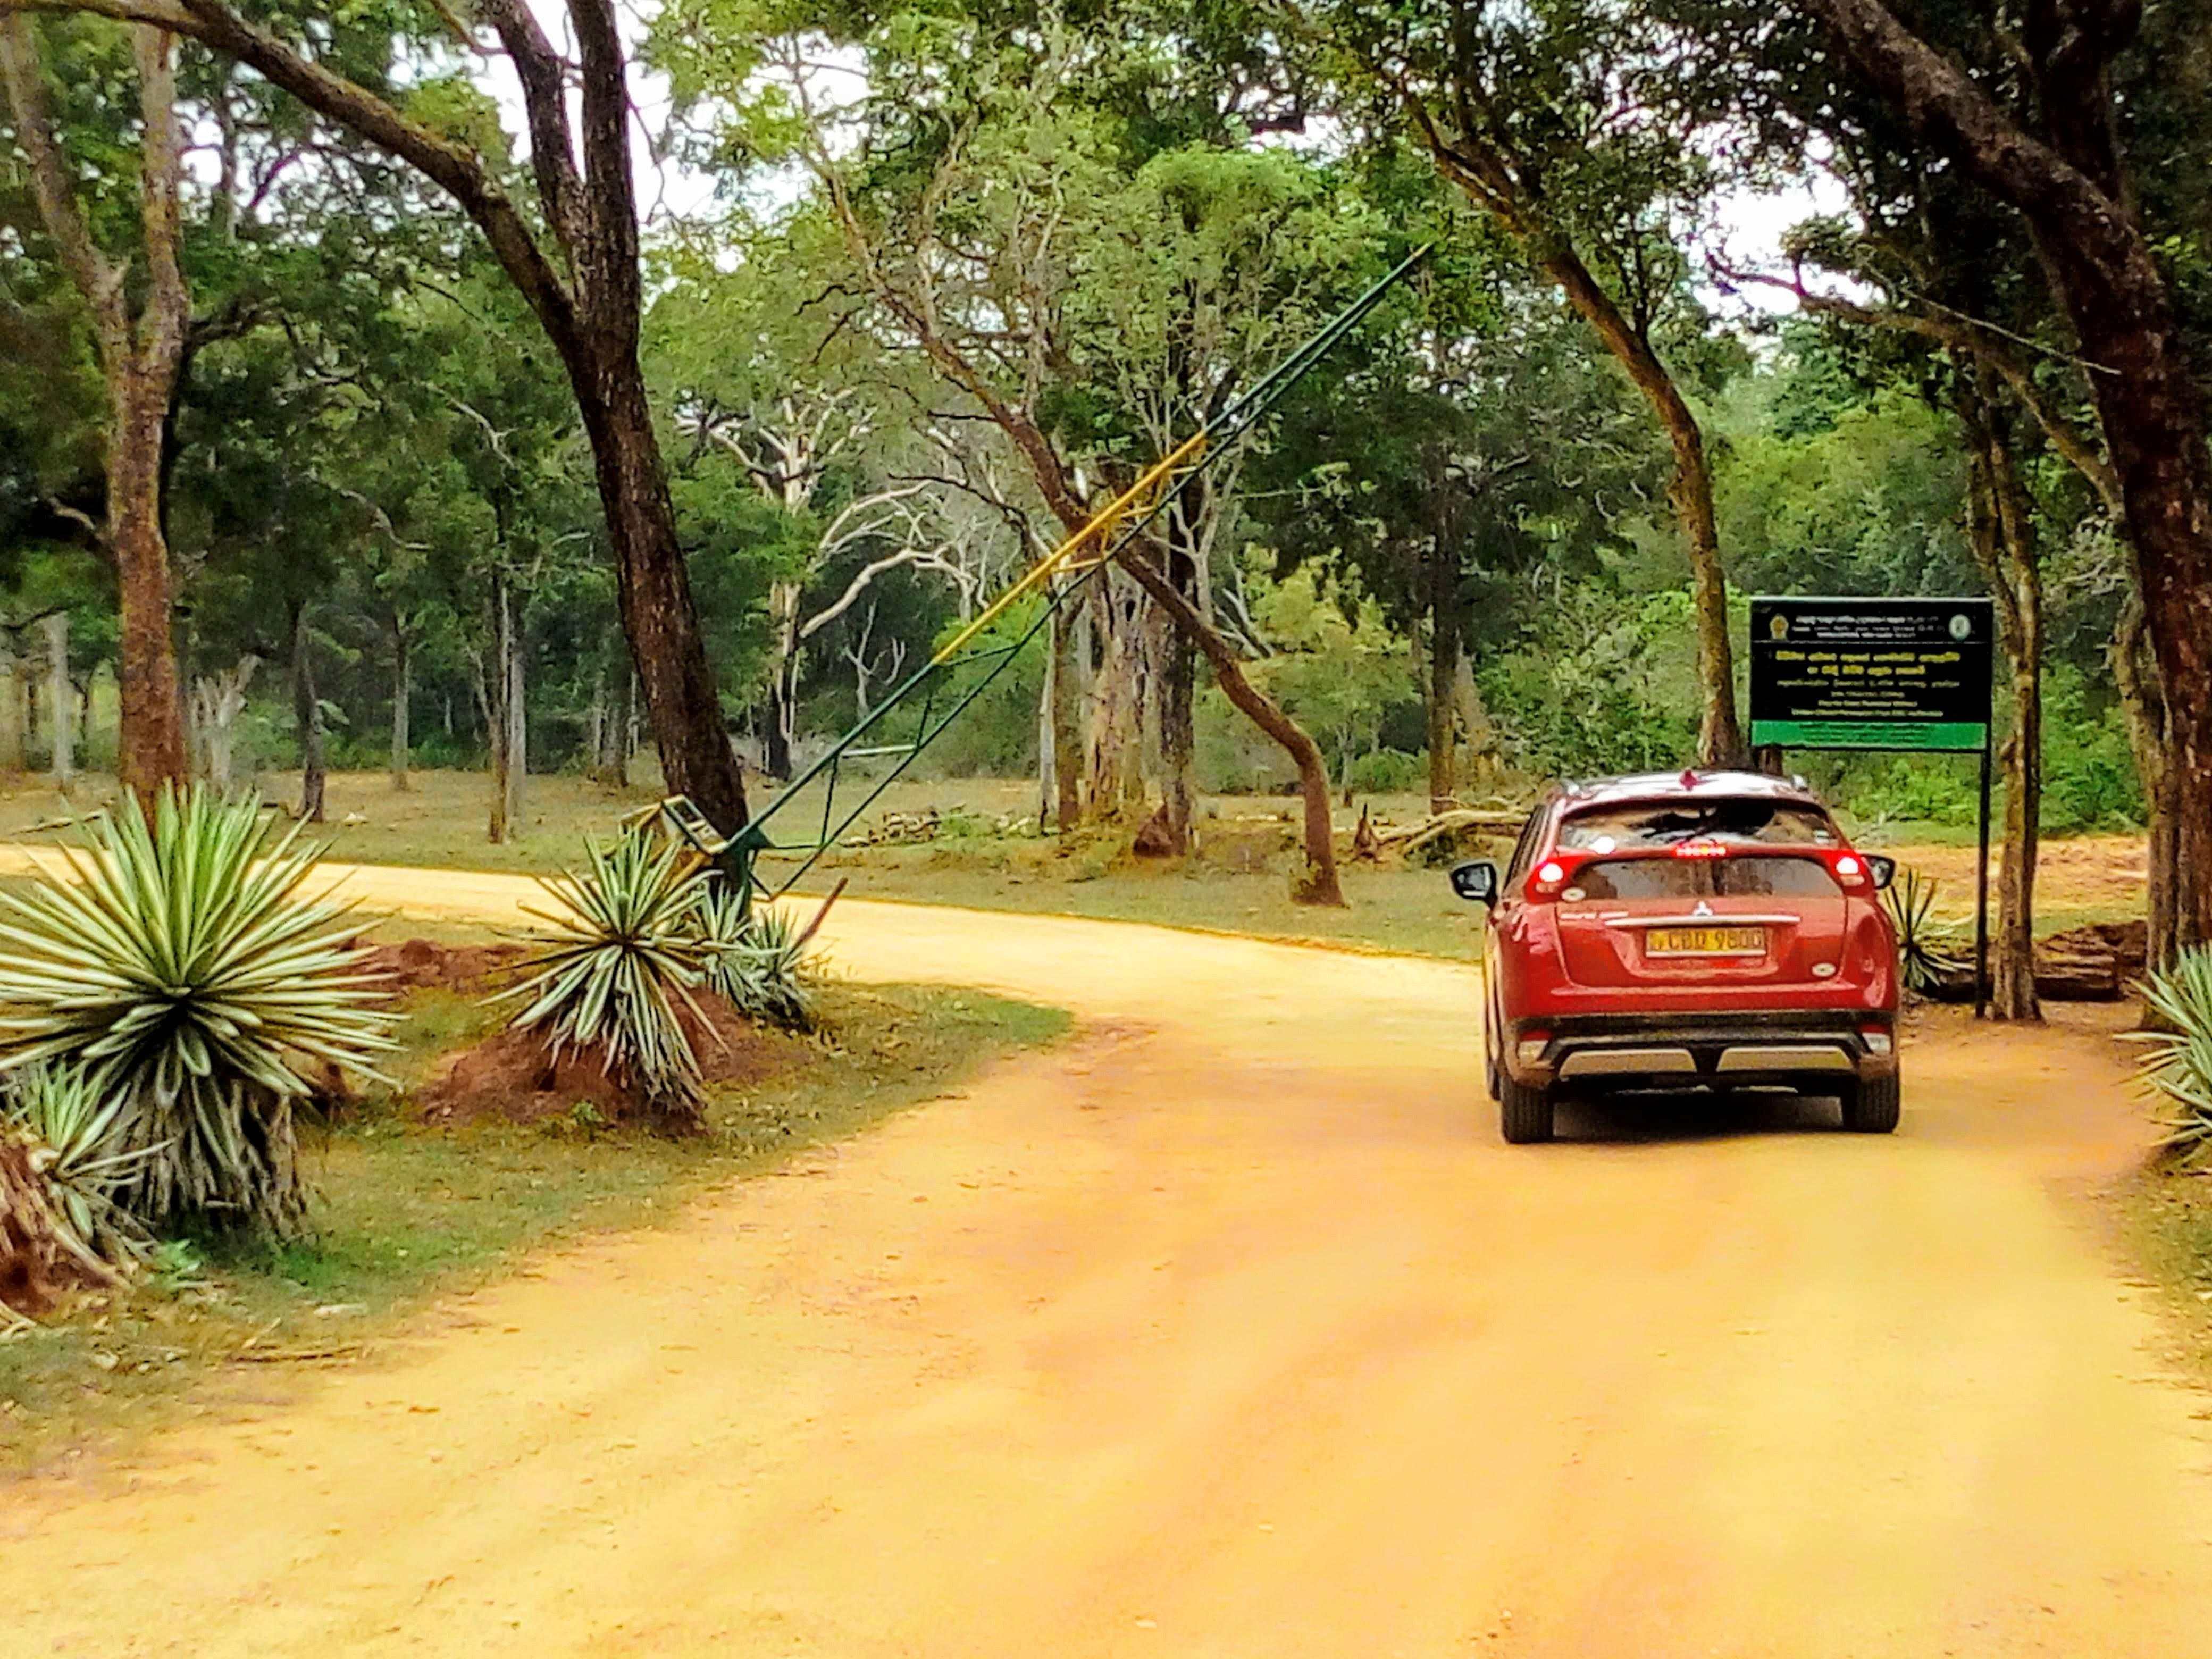 Enter the Udawalawe National Park